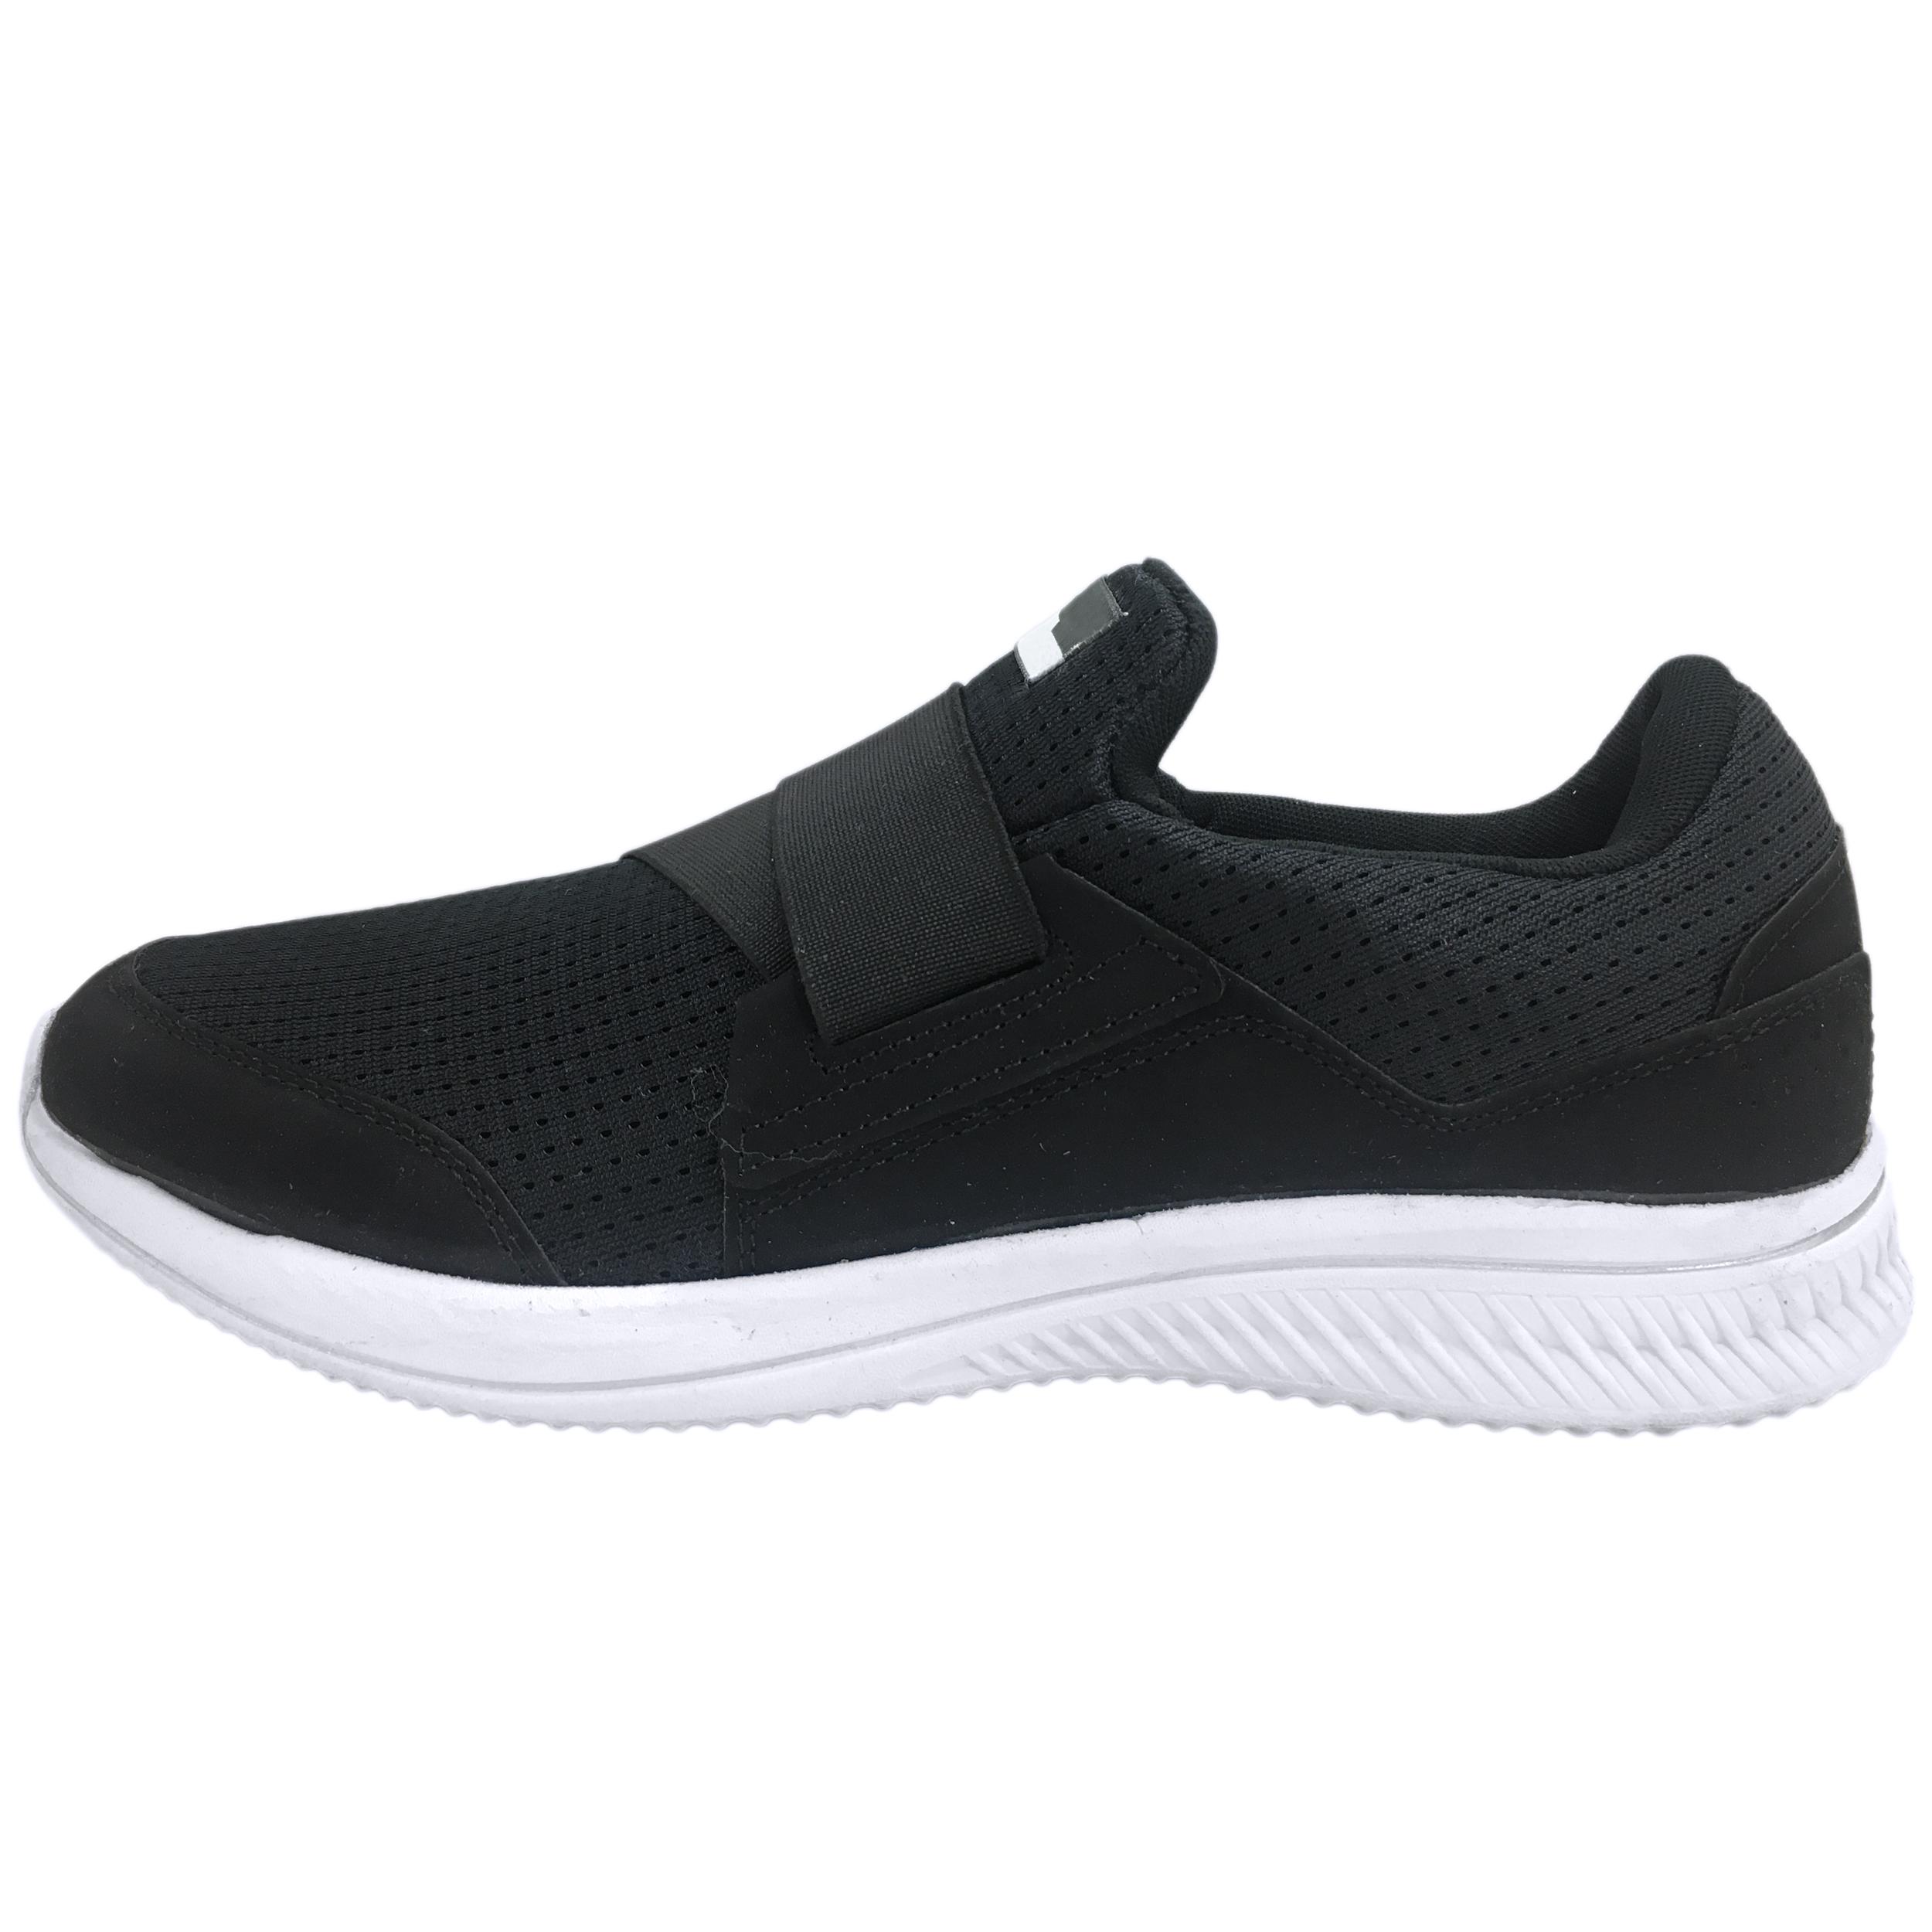 کفش مخصوص پیاده روی مردانه مدل تلاش کد A034